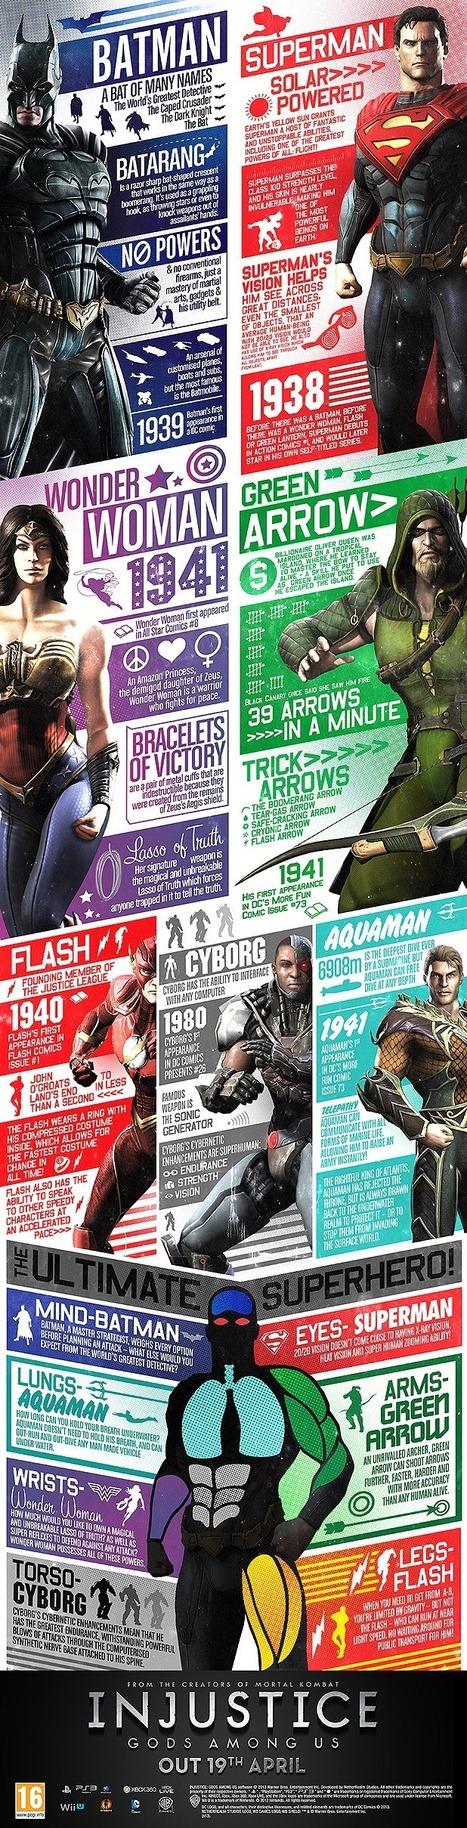 Injustice: Gods Among Us info graphics - Mortal Kombat Nexus online Forums | Design | Scoop.it